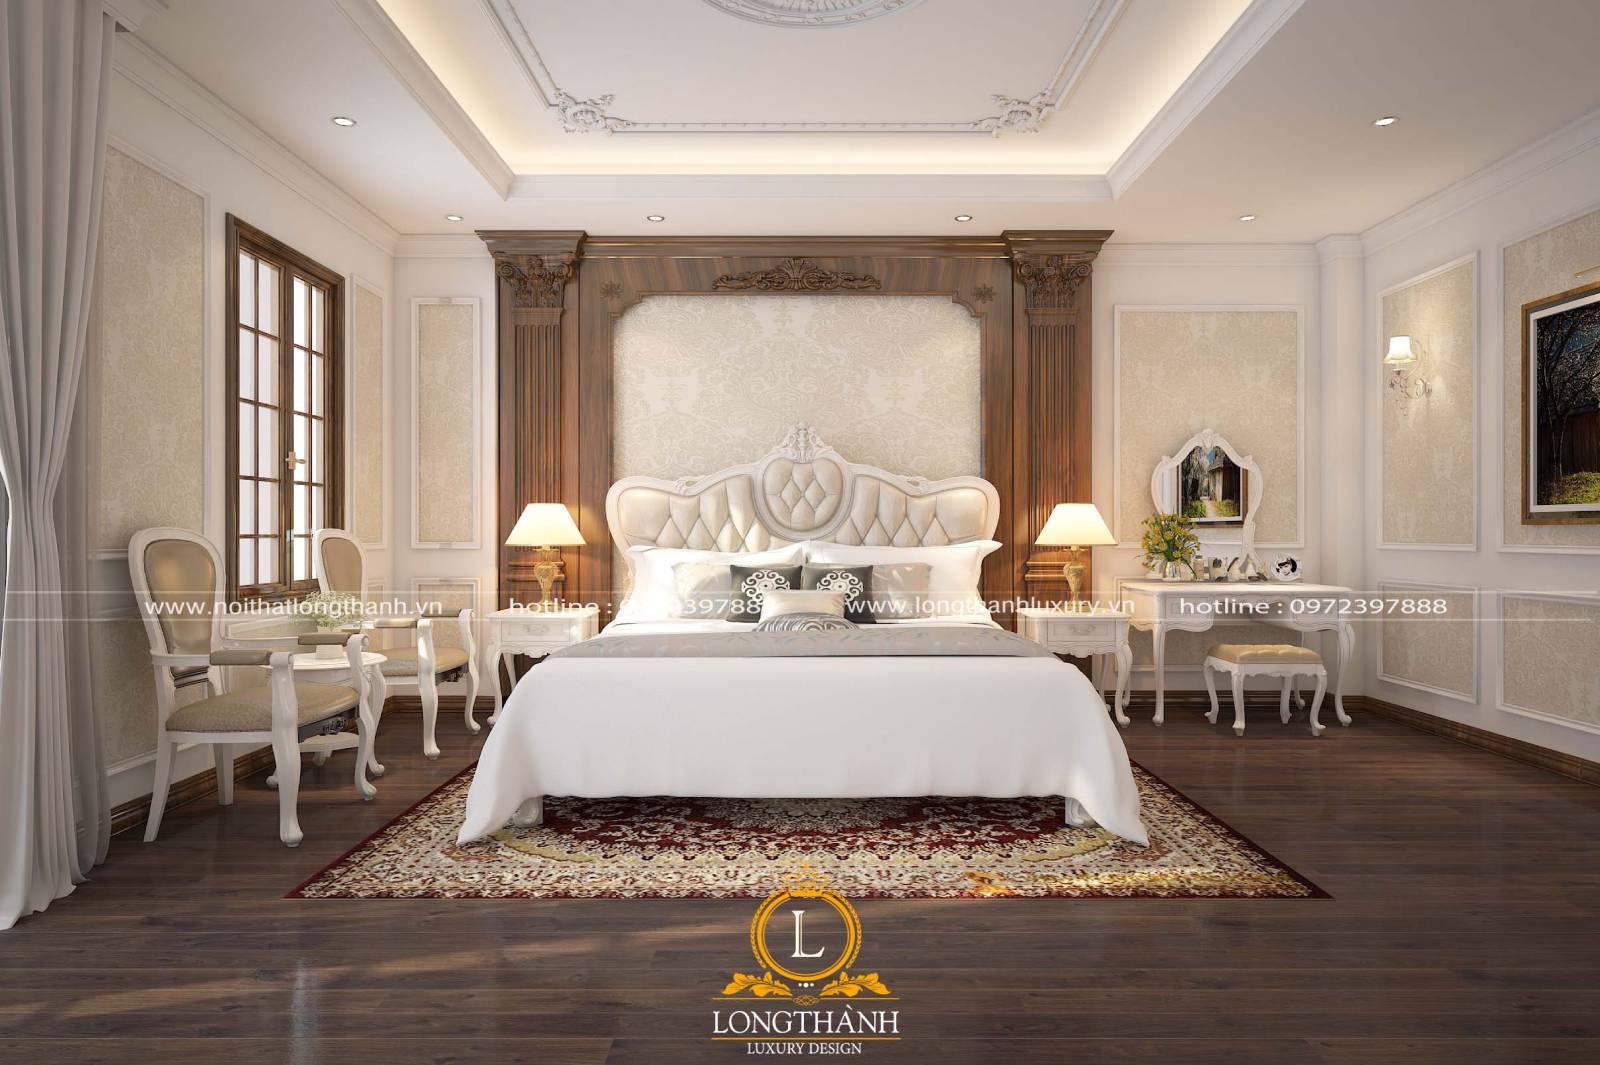 Kê đặt giường ngủ hợp với phong thủy phòng ngủ